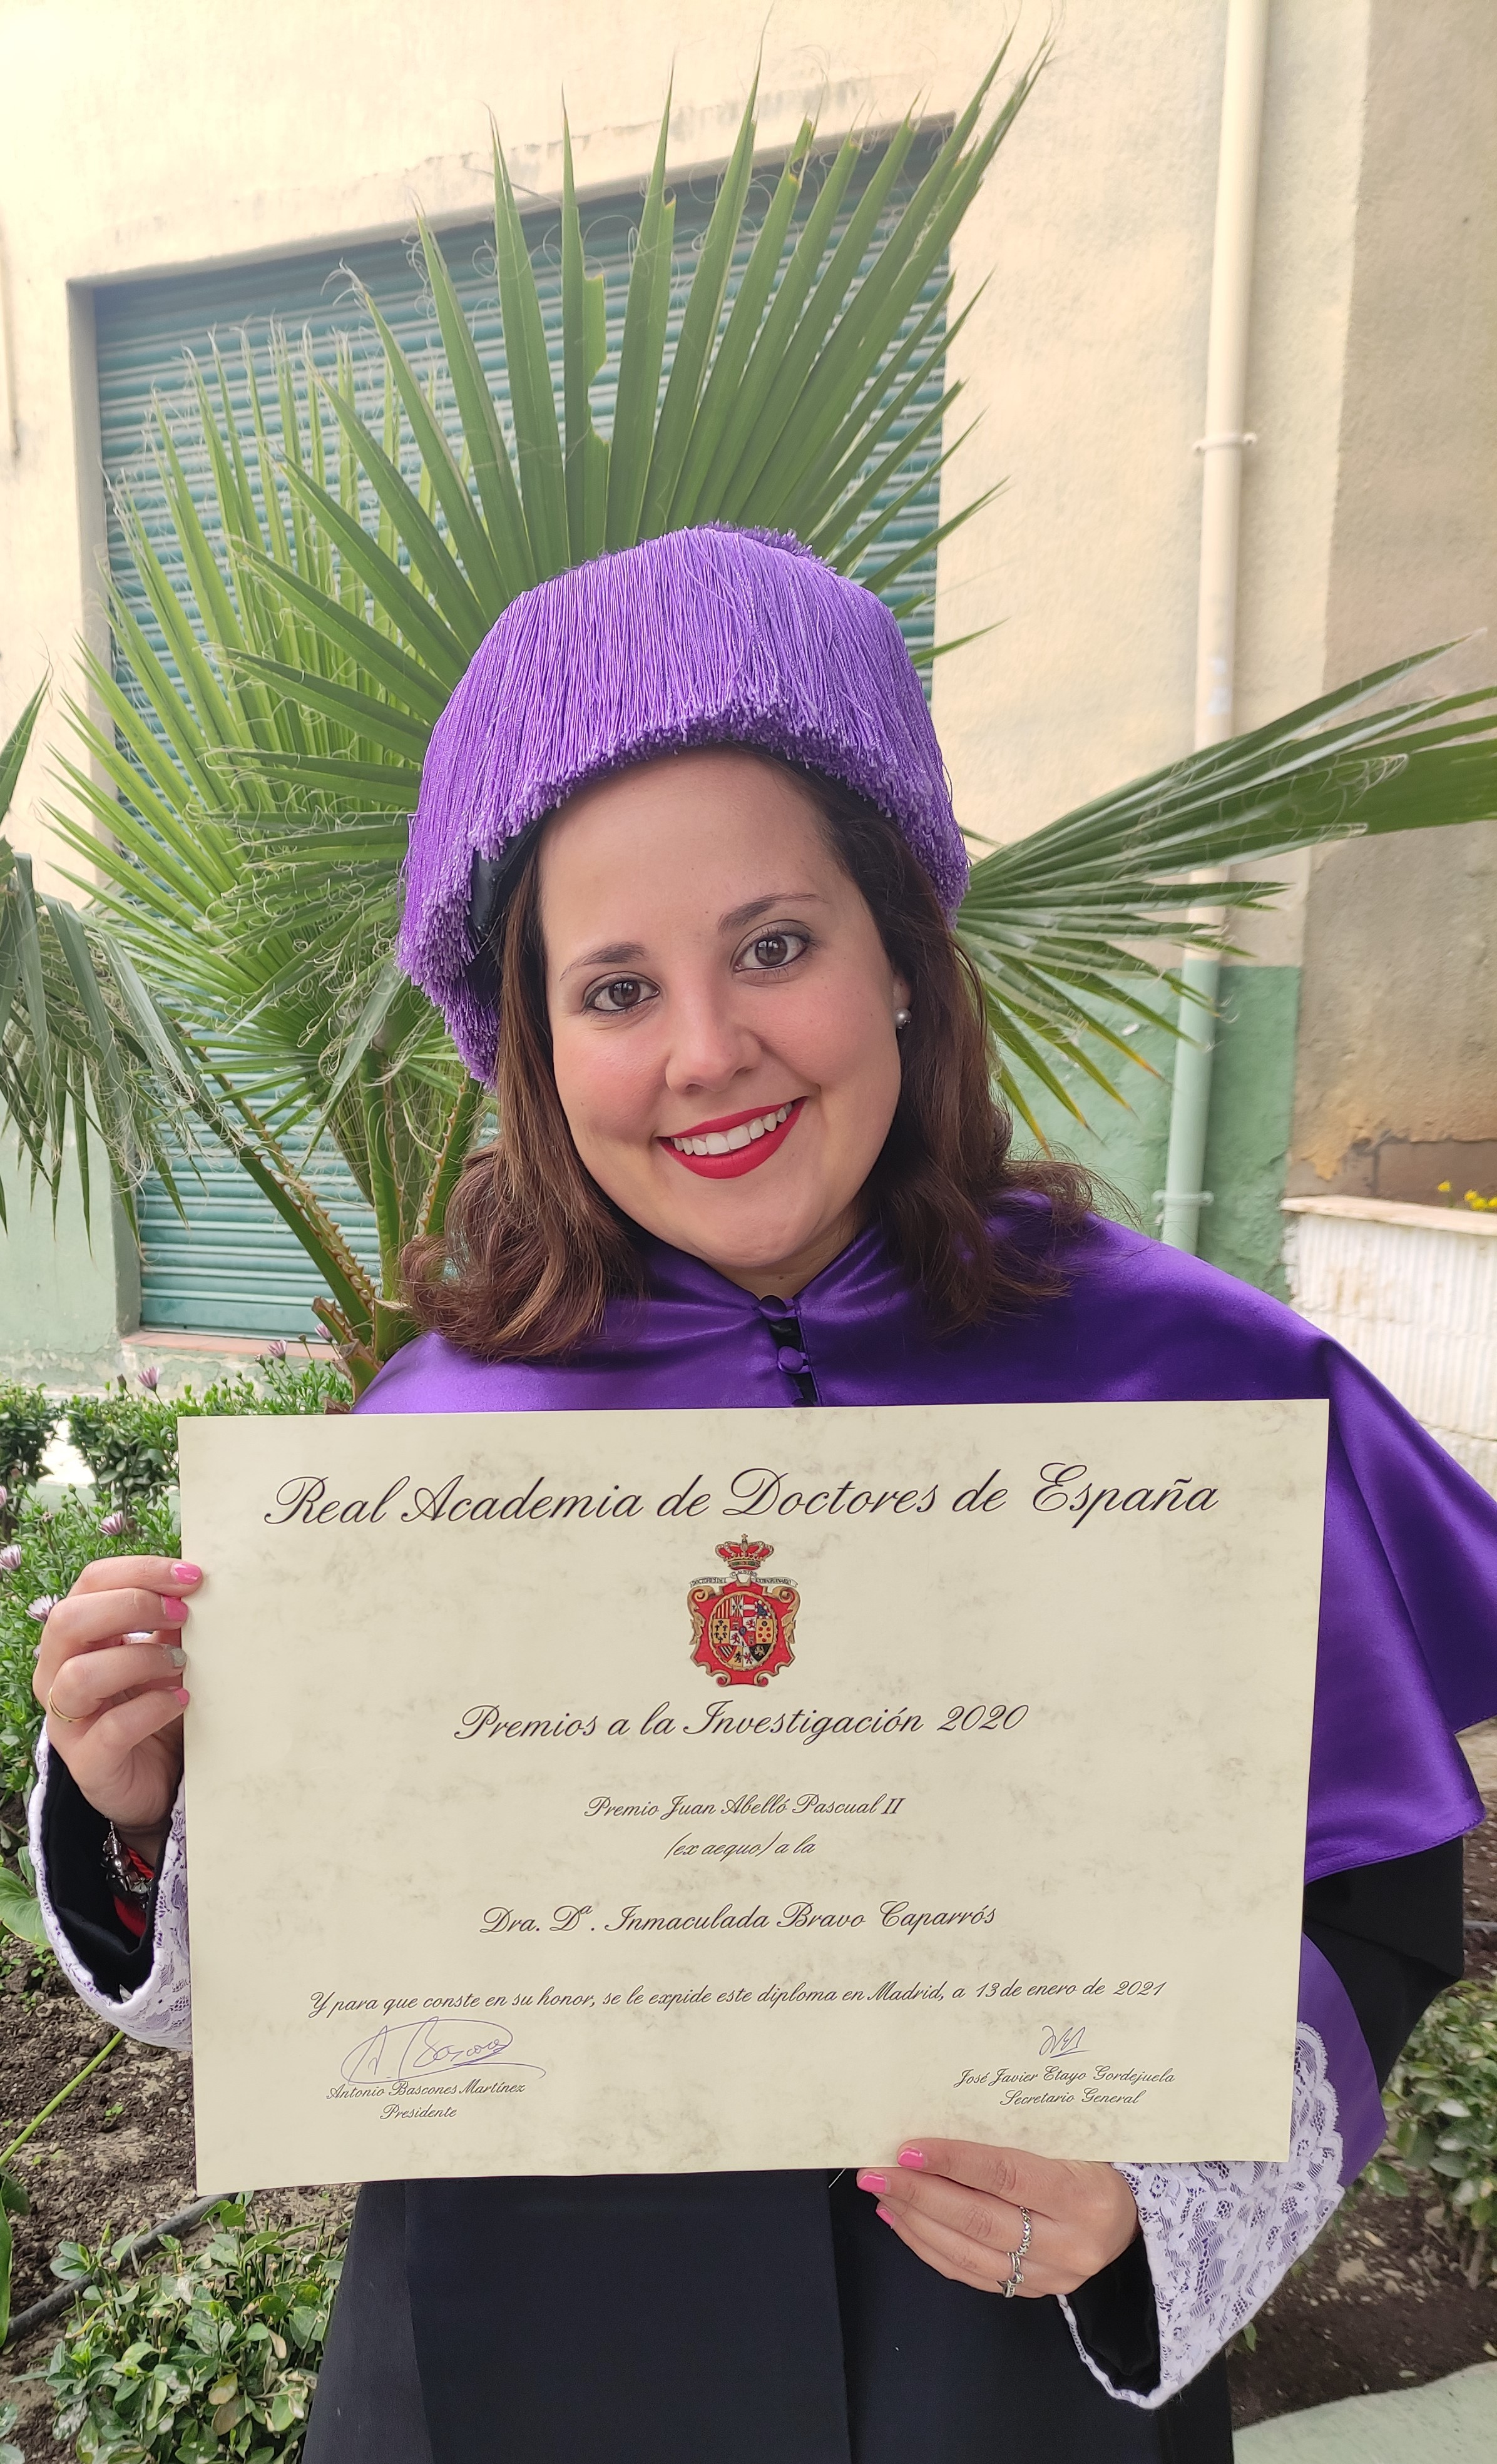 La Real Academia de Doctores de España premia la tesis doctoral de la investigadora de la UGR Inmaculada Bravo